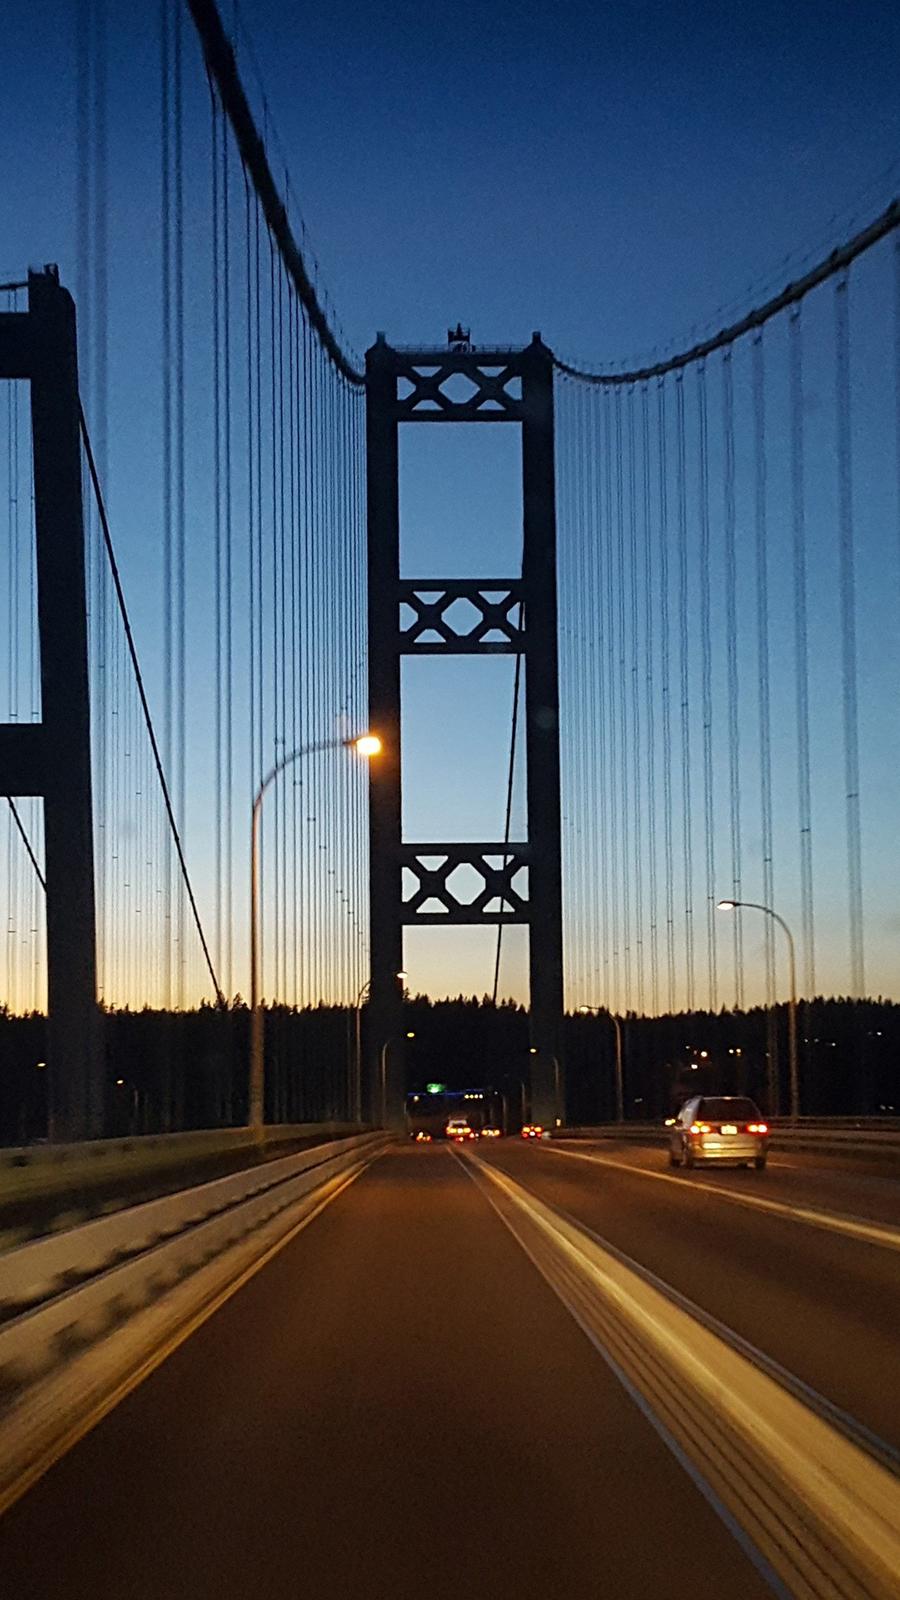 Bridge Night Road Full HD Wallpapers Download